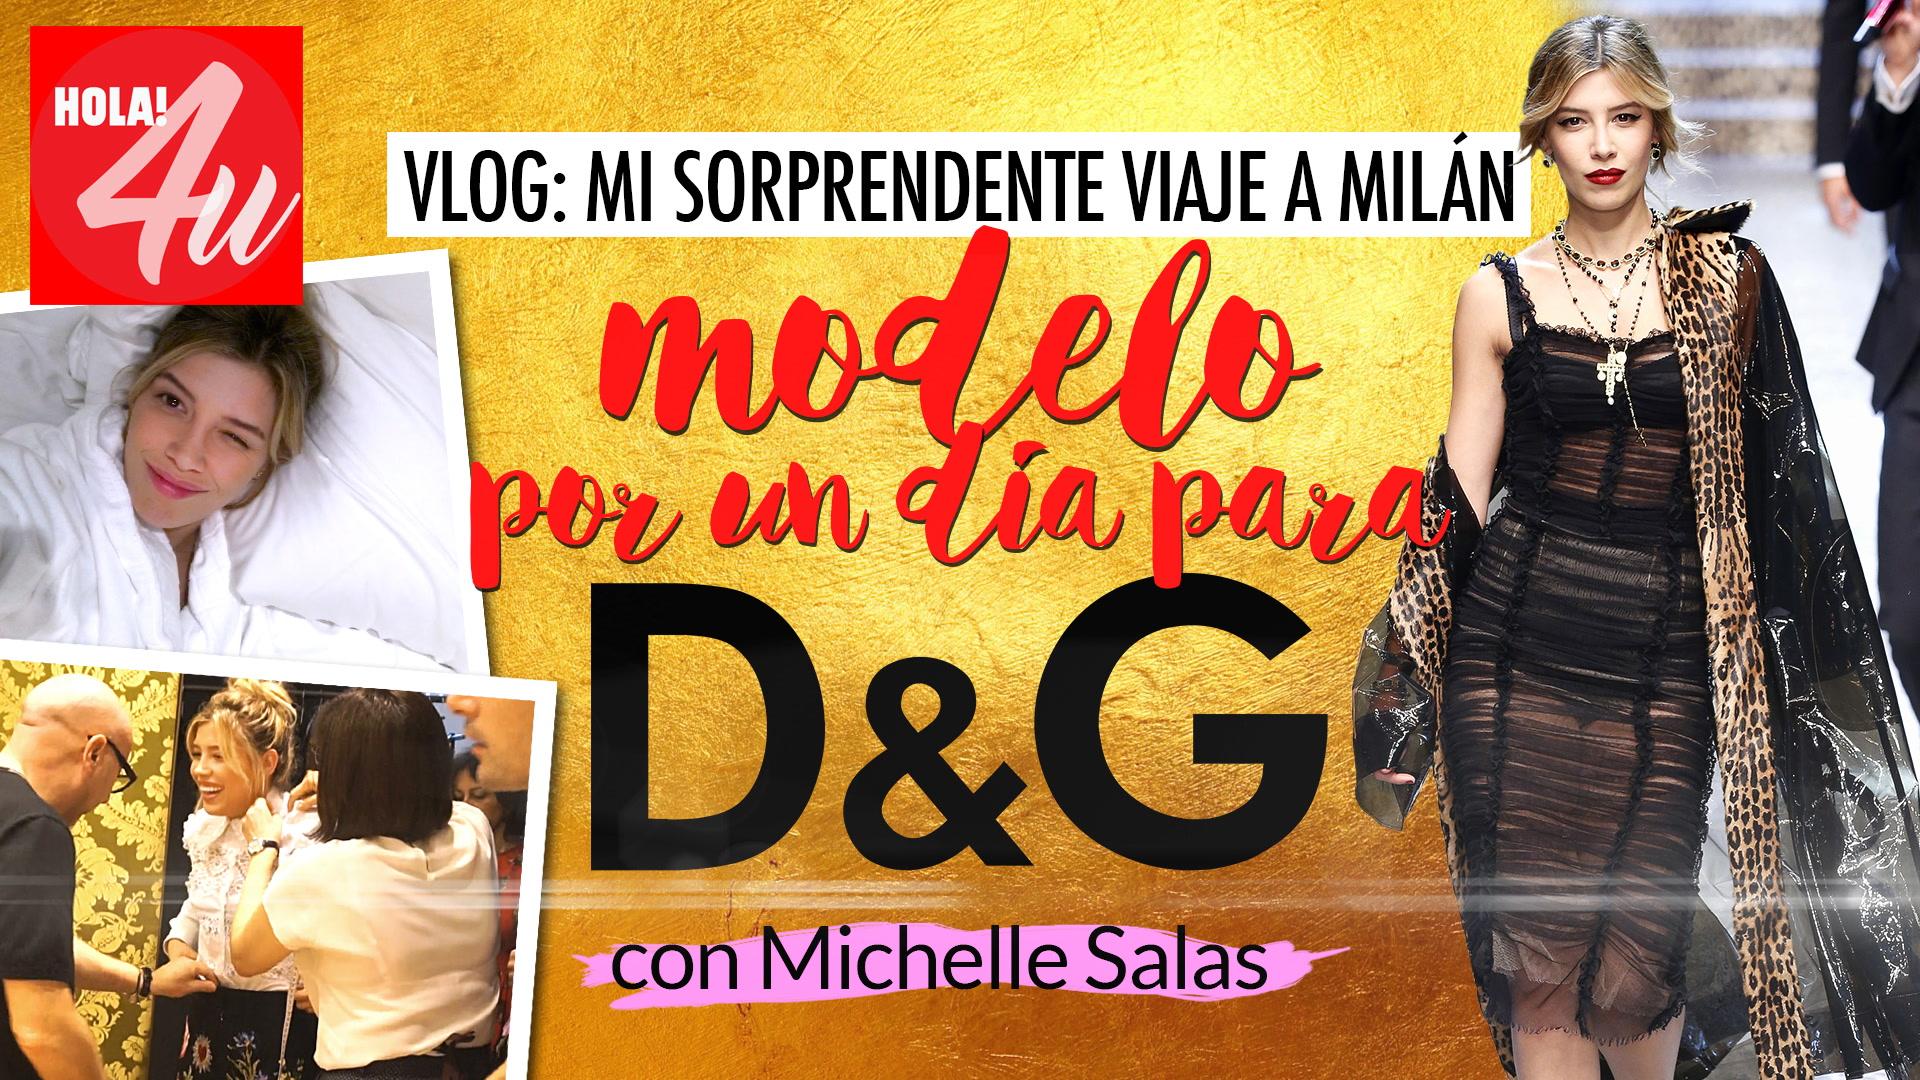 Desfilando para Dolce&Gabanna con Michelle Salas